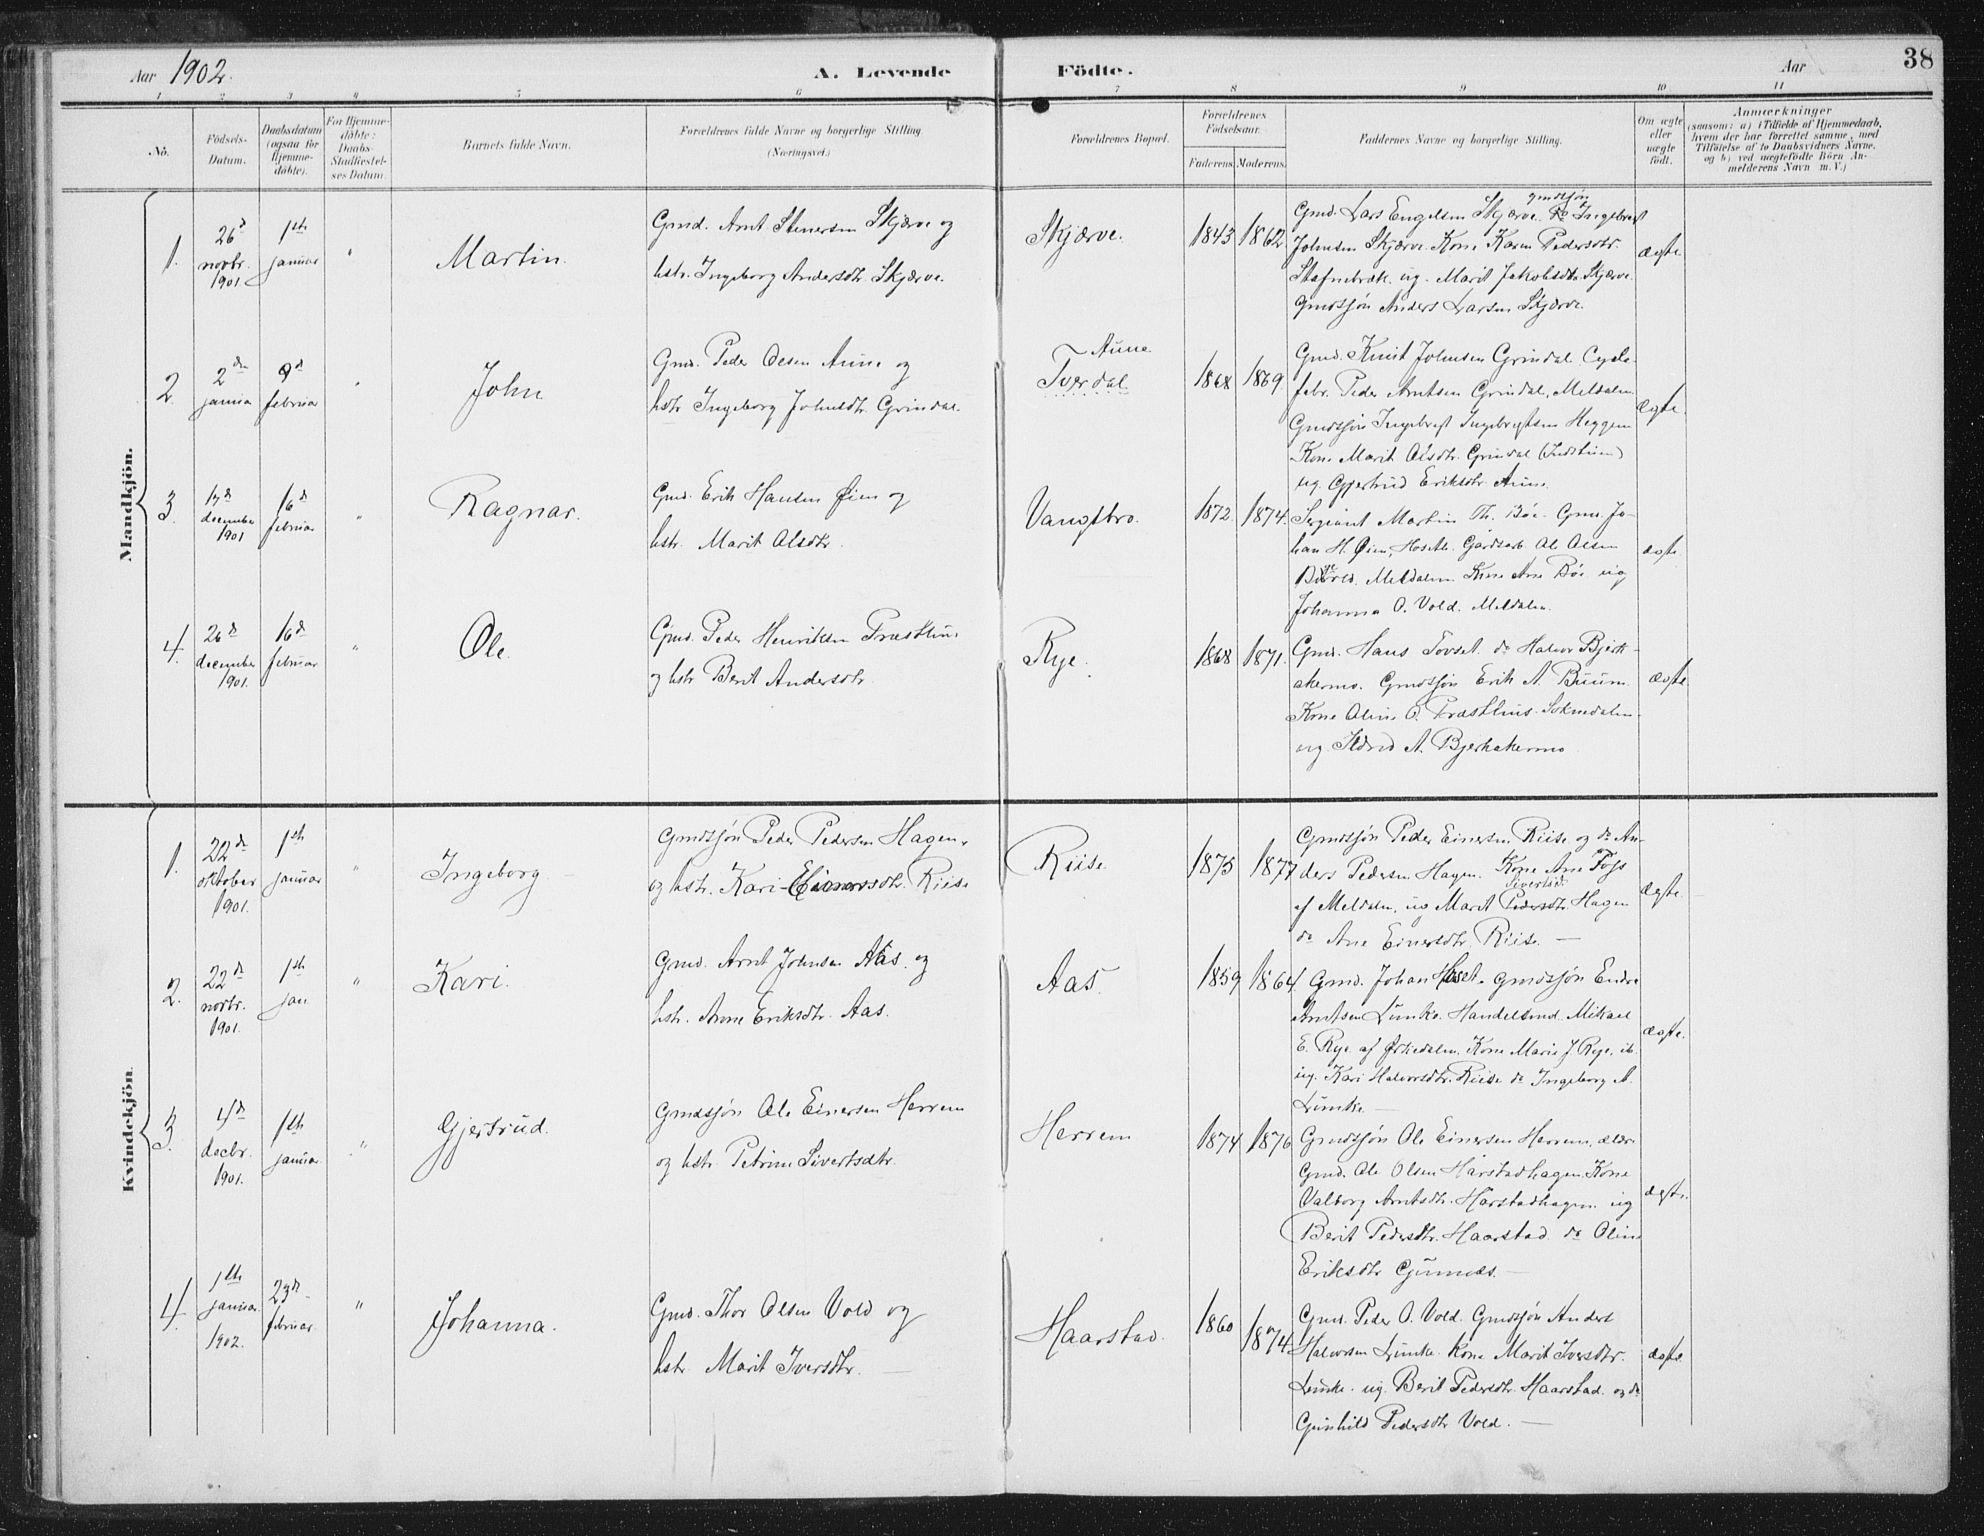 SAT, Ministerialprotokoller, klokkerbøker og fødselsregistre - Sør-Trøndelag, 674/L0872: Ministerialbok nr. 674A04, 1897-1907, s. 38